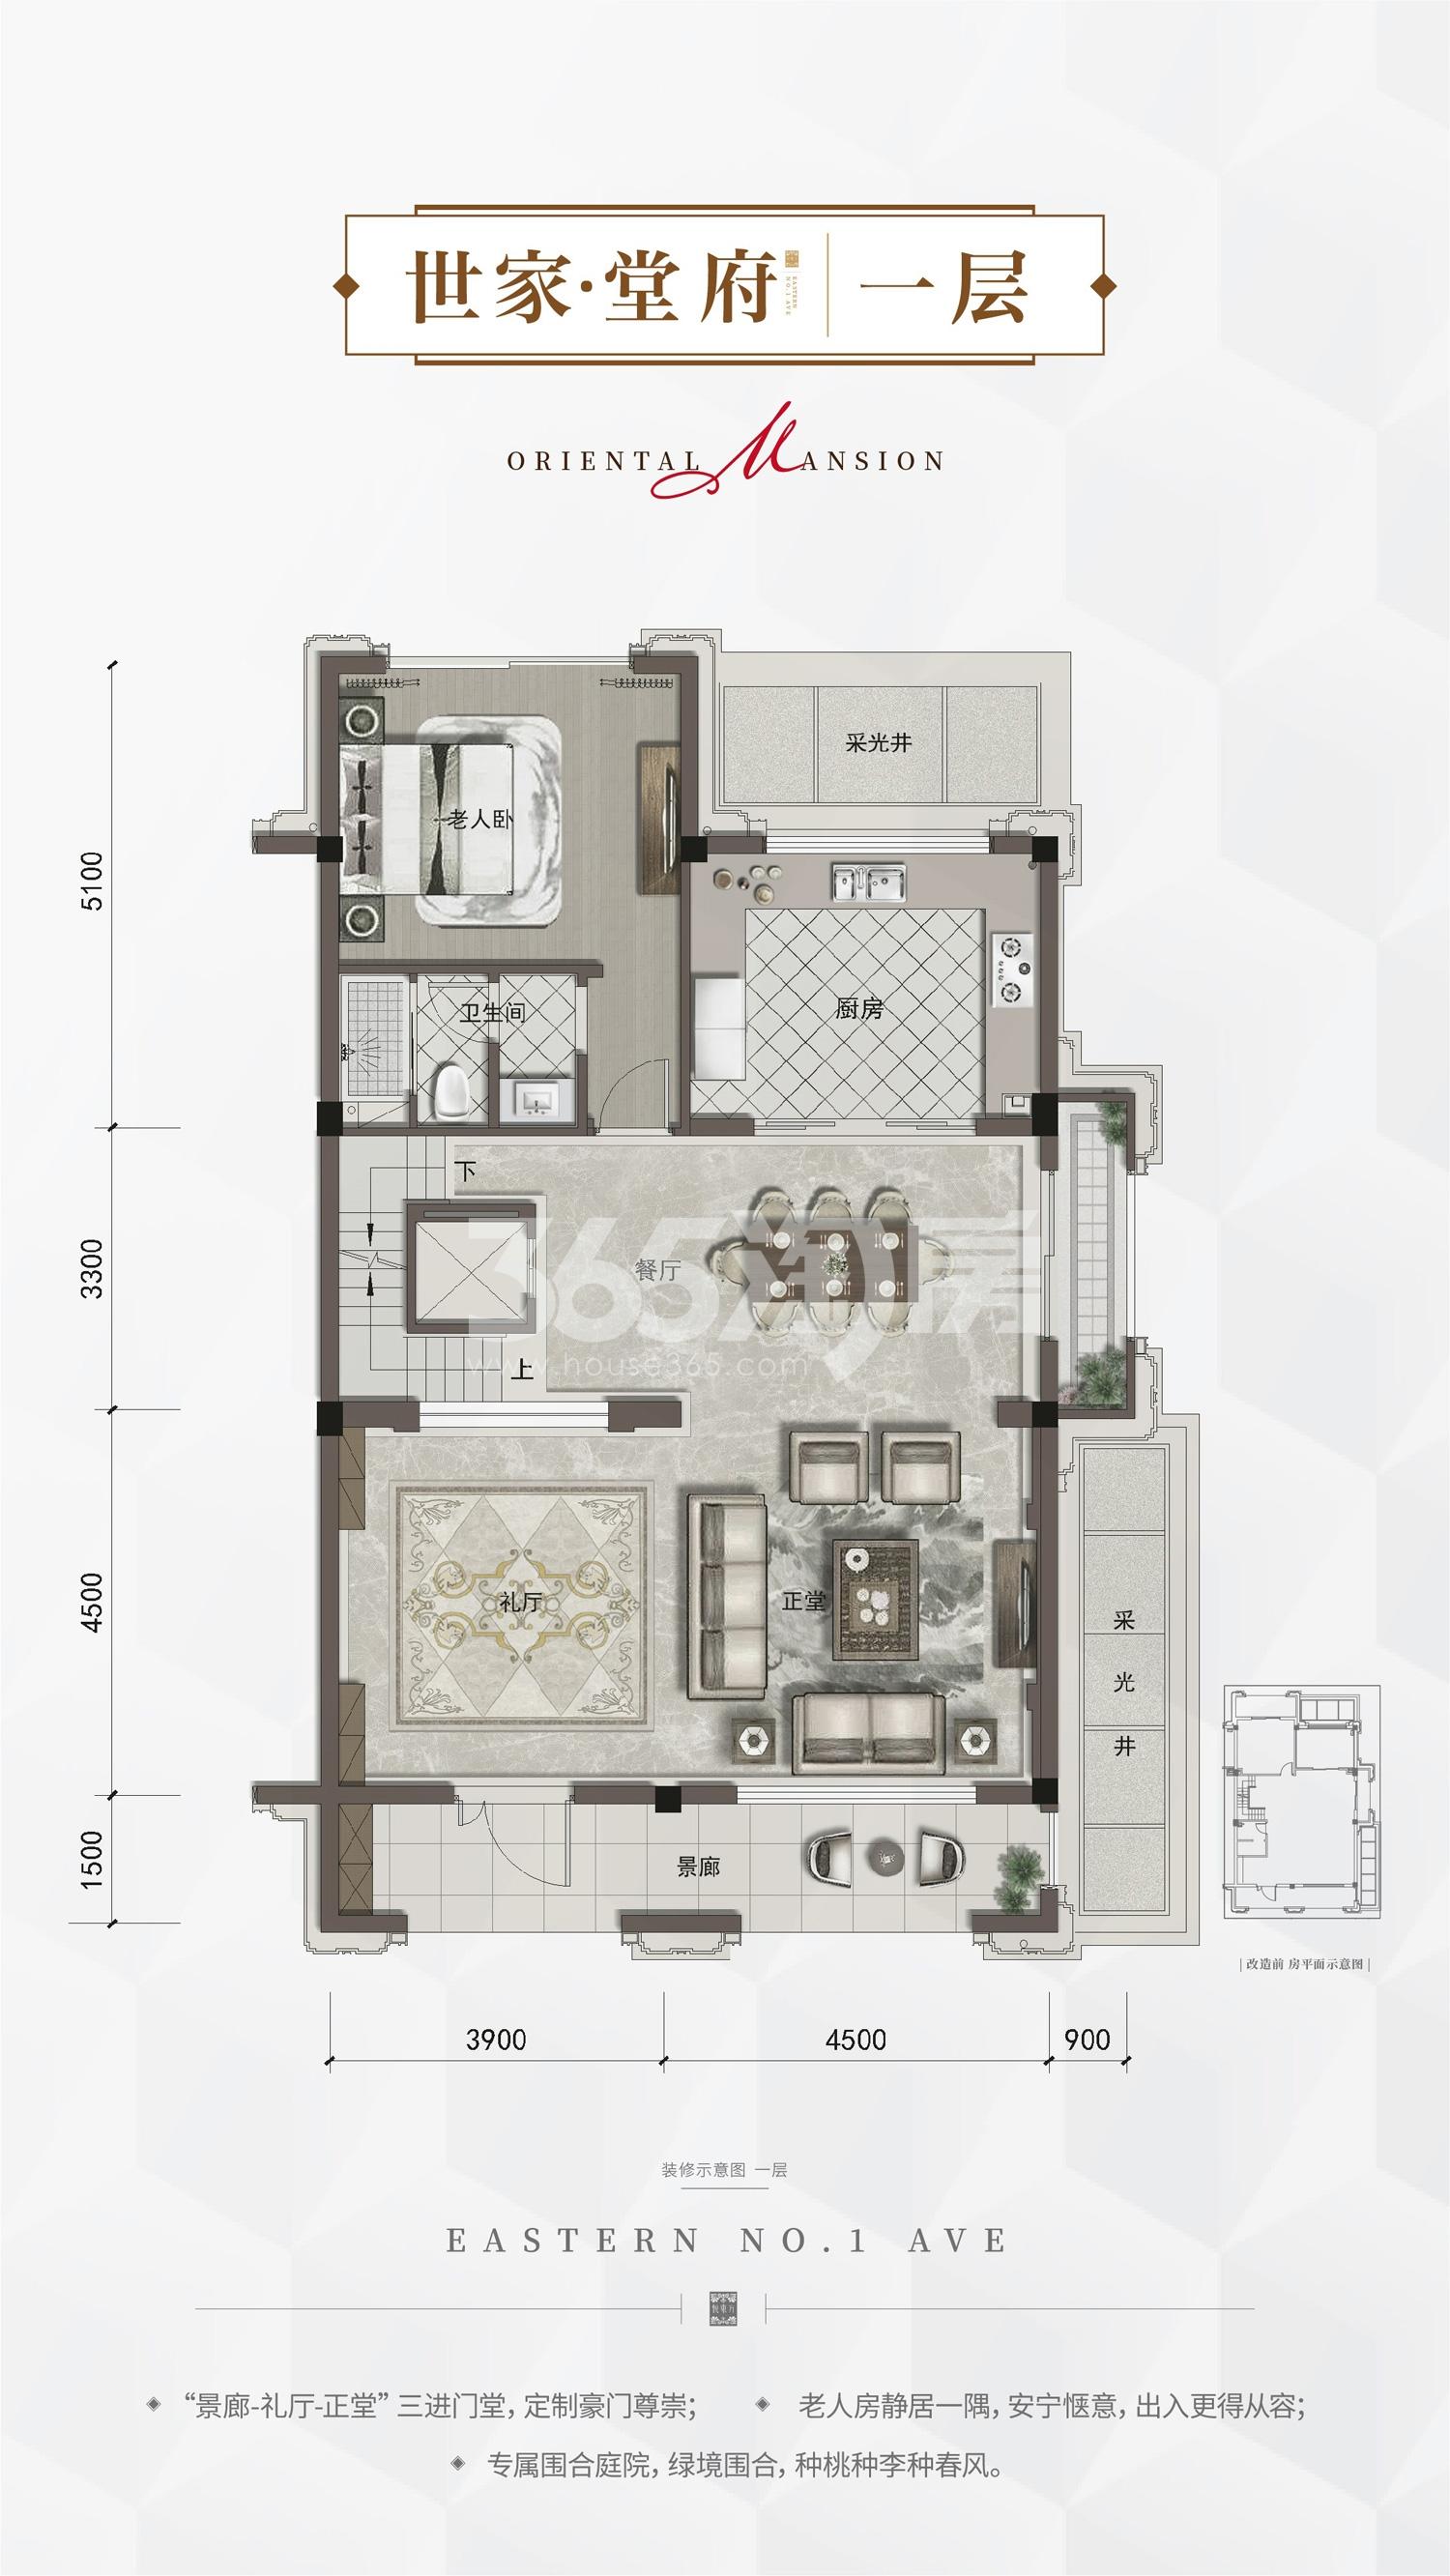 杭房悦东方排屋户型252方(一层)